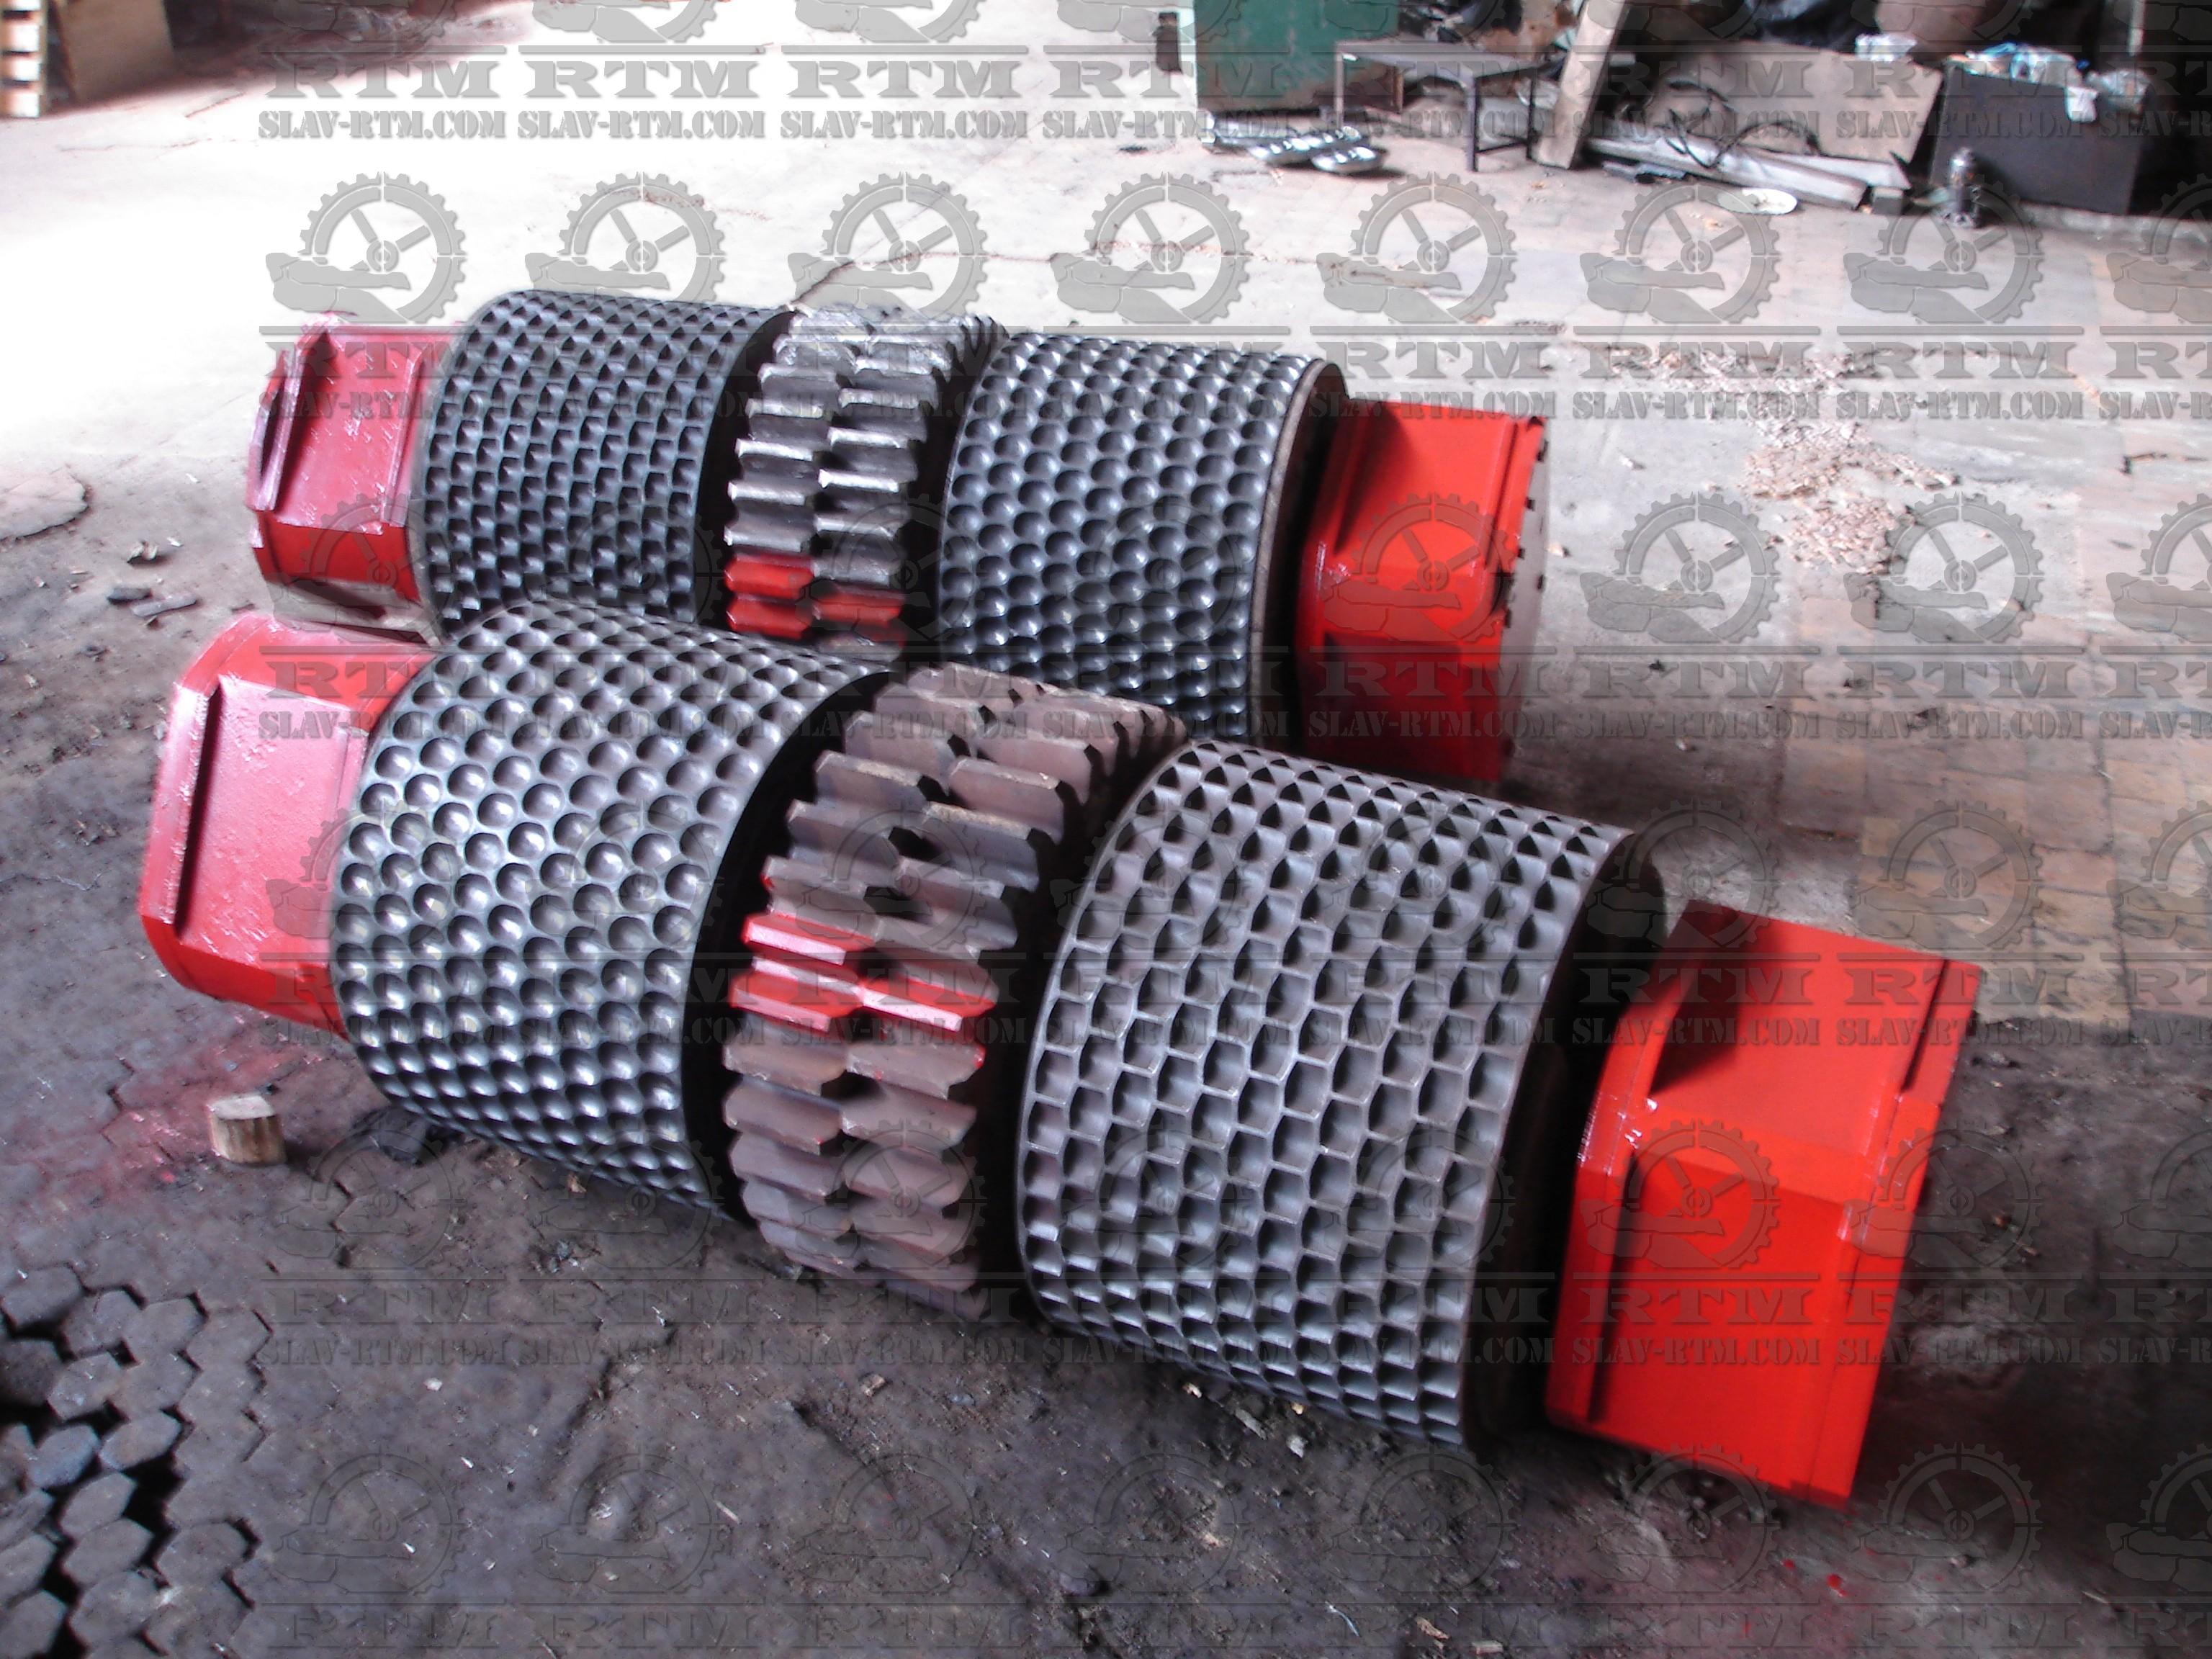 Брикетные валки, валок брикетеровочный, РТМ, РЕМ-ТЯЖМАШ, Машиностроение, машиностроительное, металообработка, метал